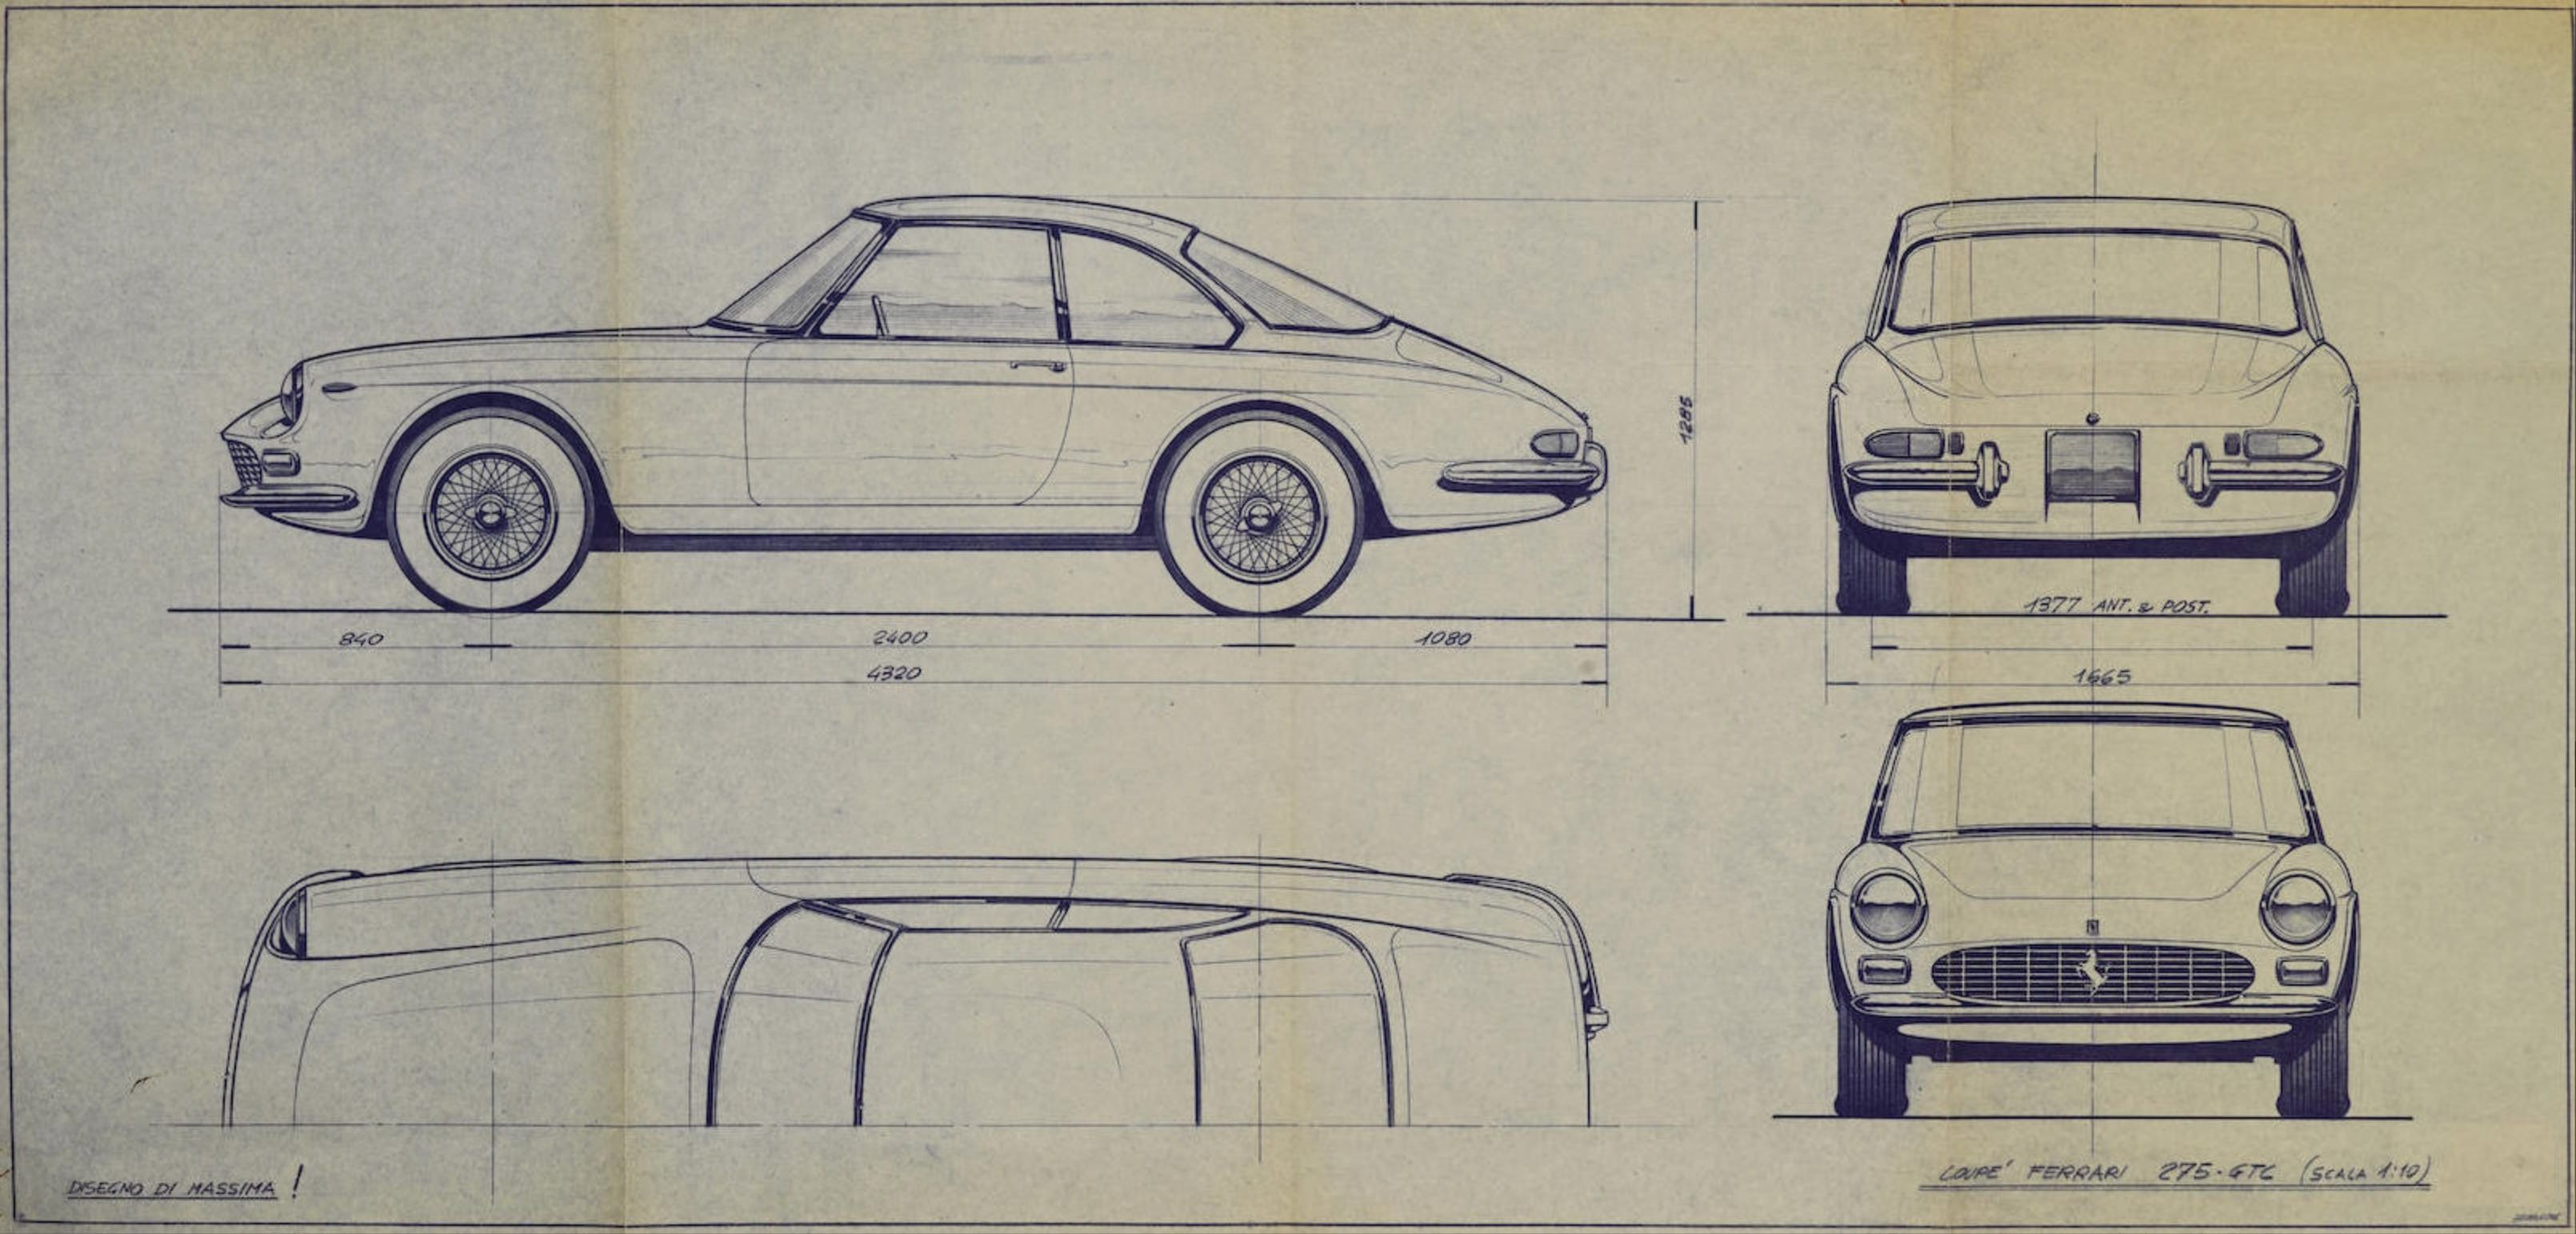 Ferrari 275 GTC Prototype Pininfarina Blueprint